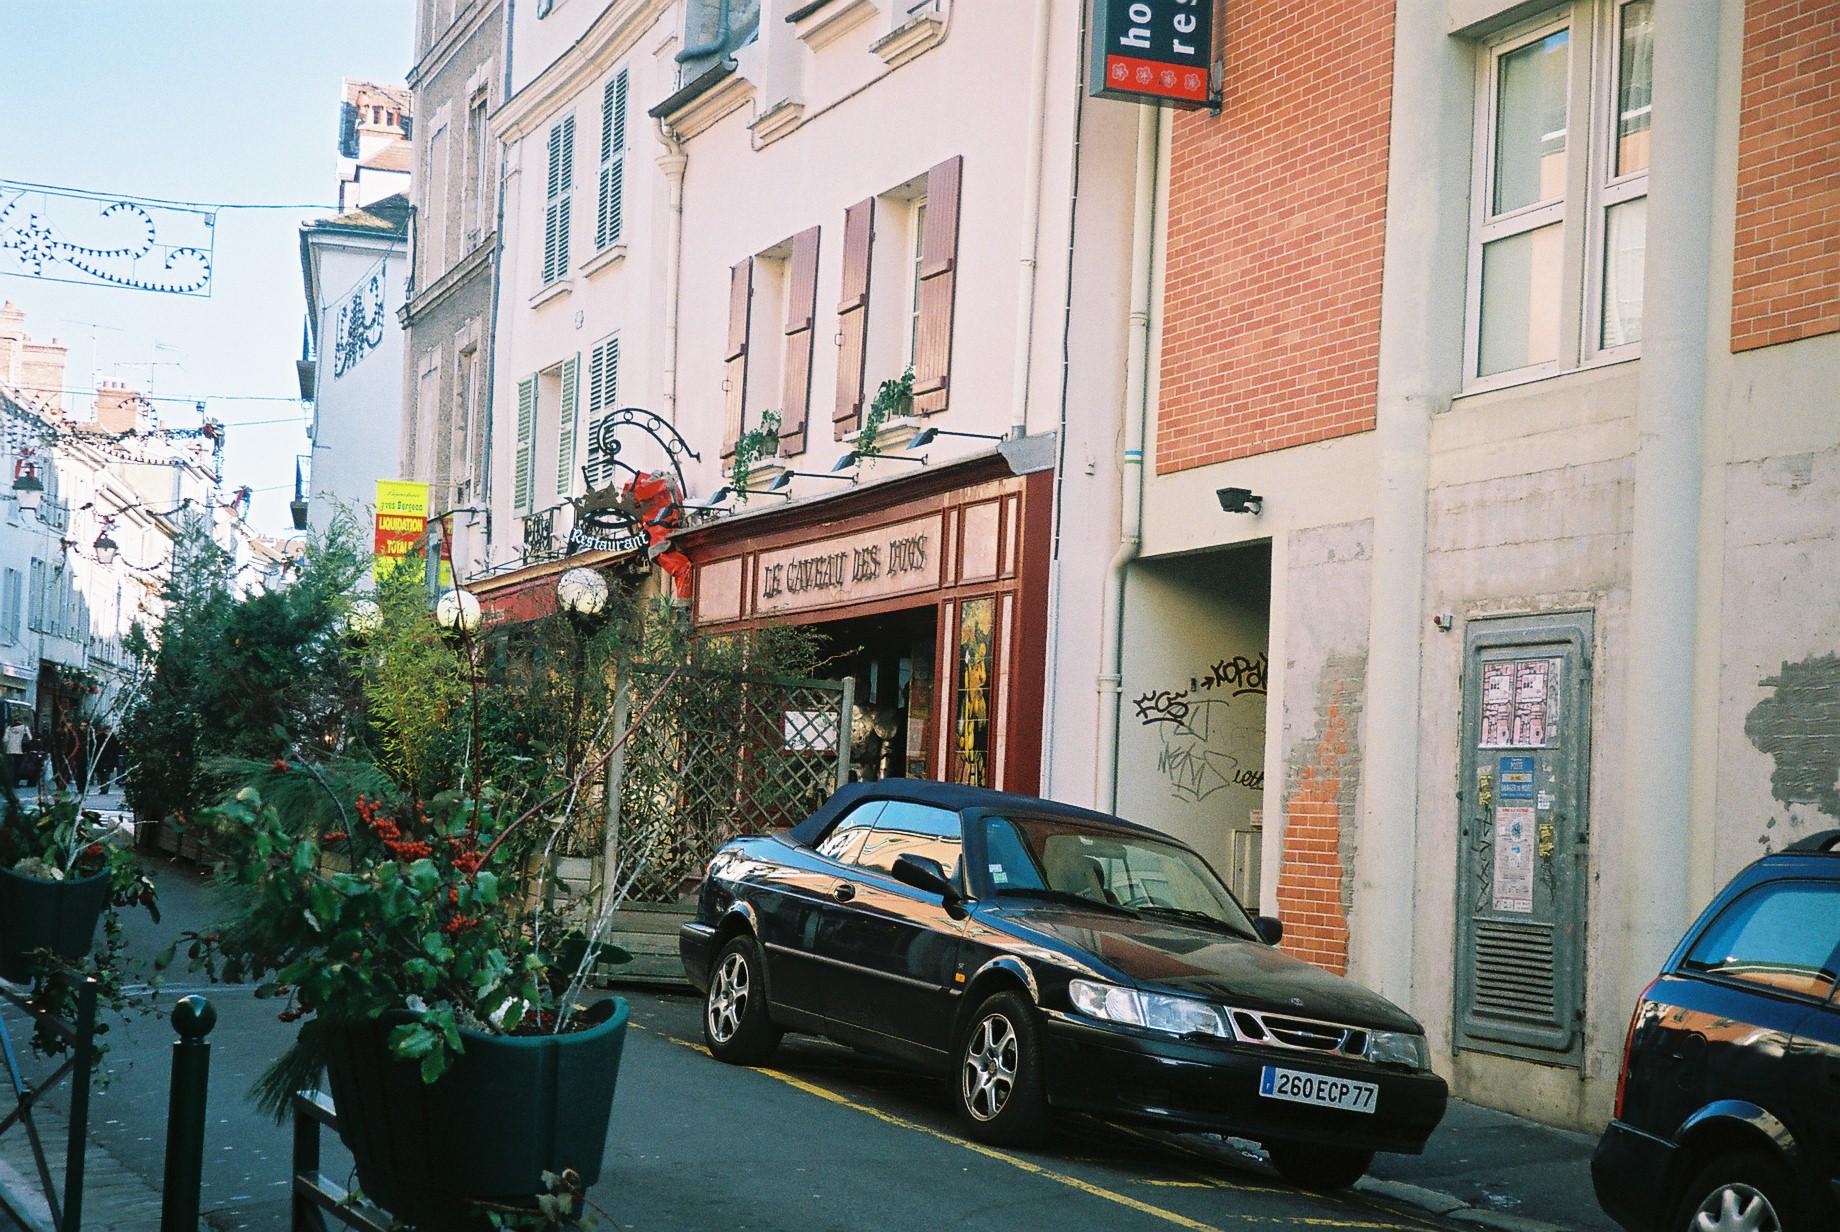 Fontainebleau le caveau des ducs closed dec07